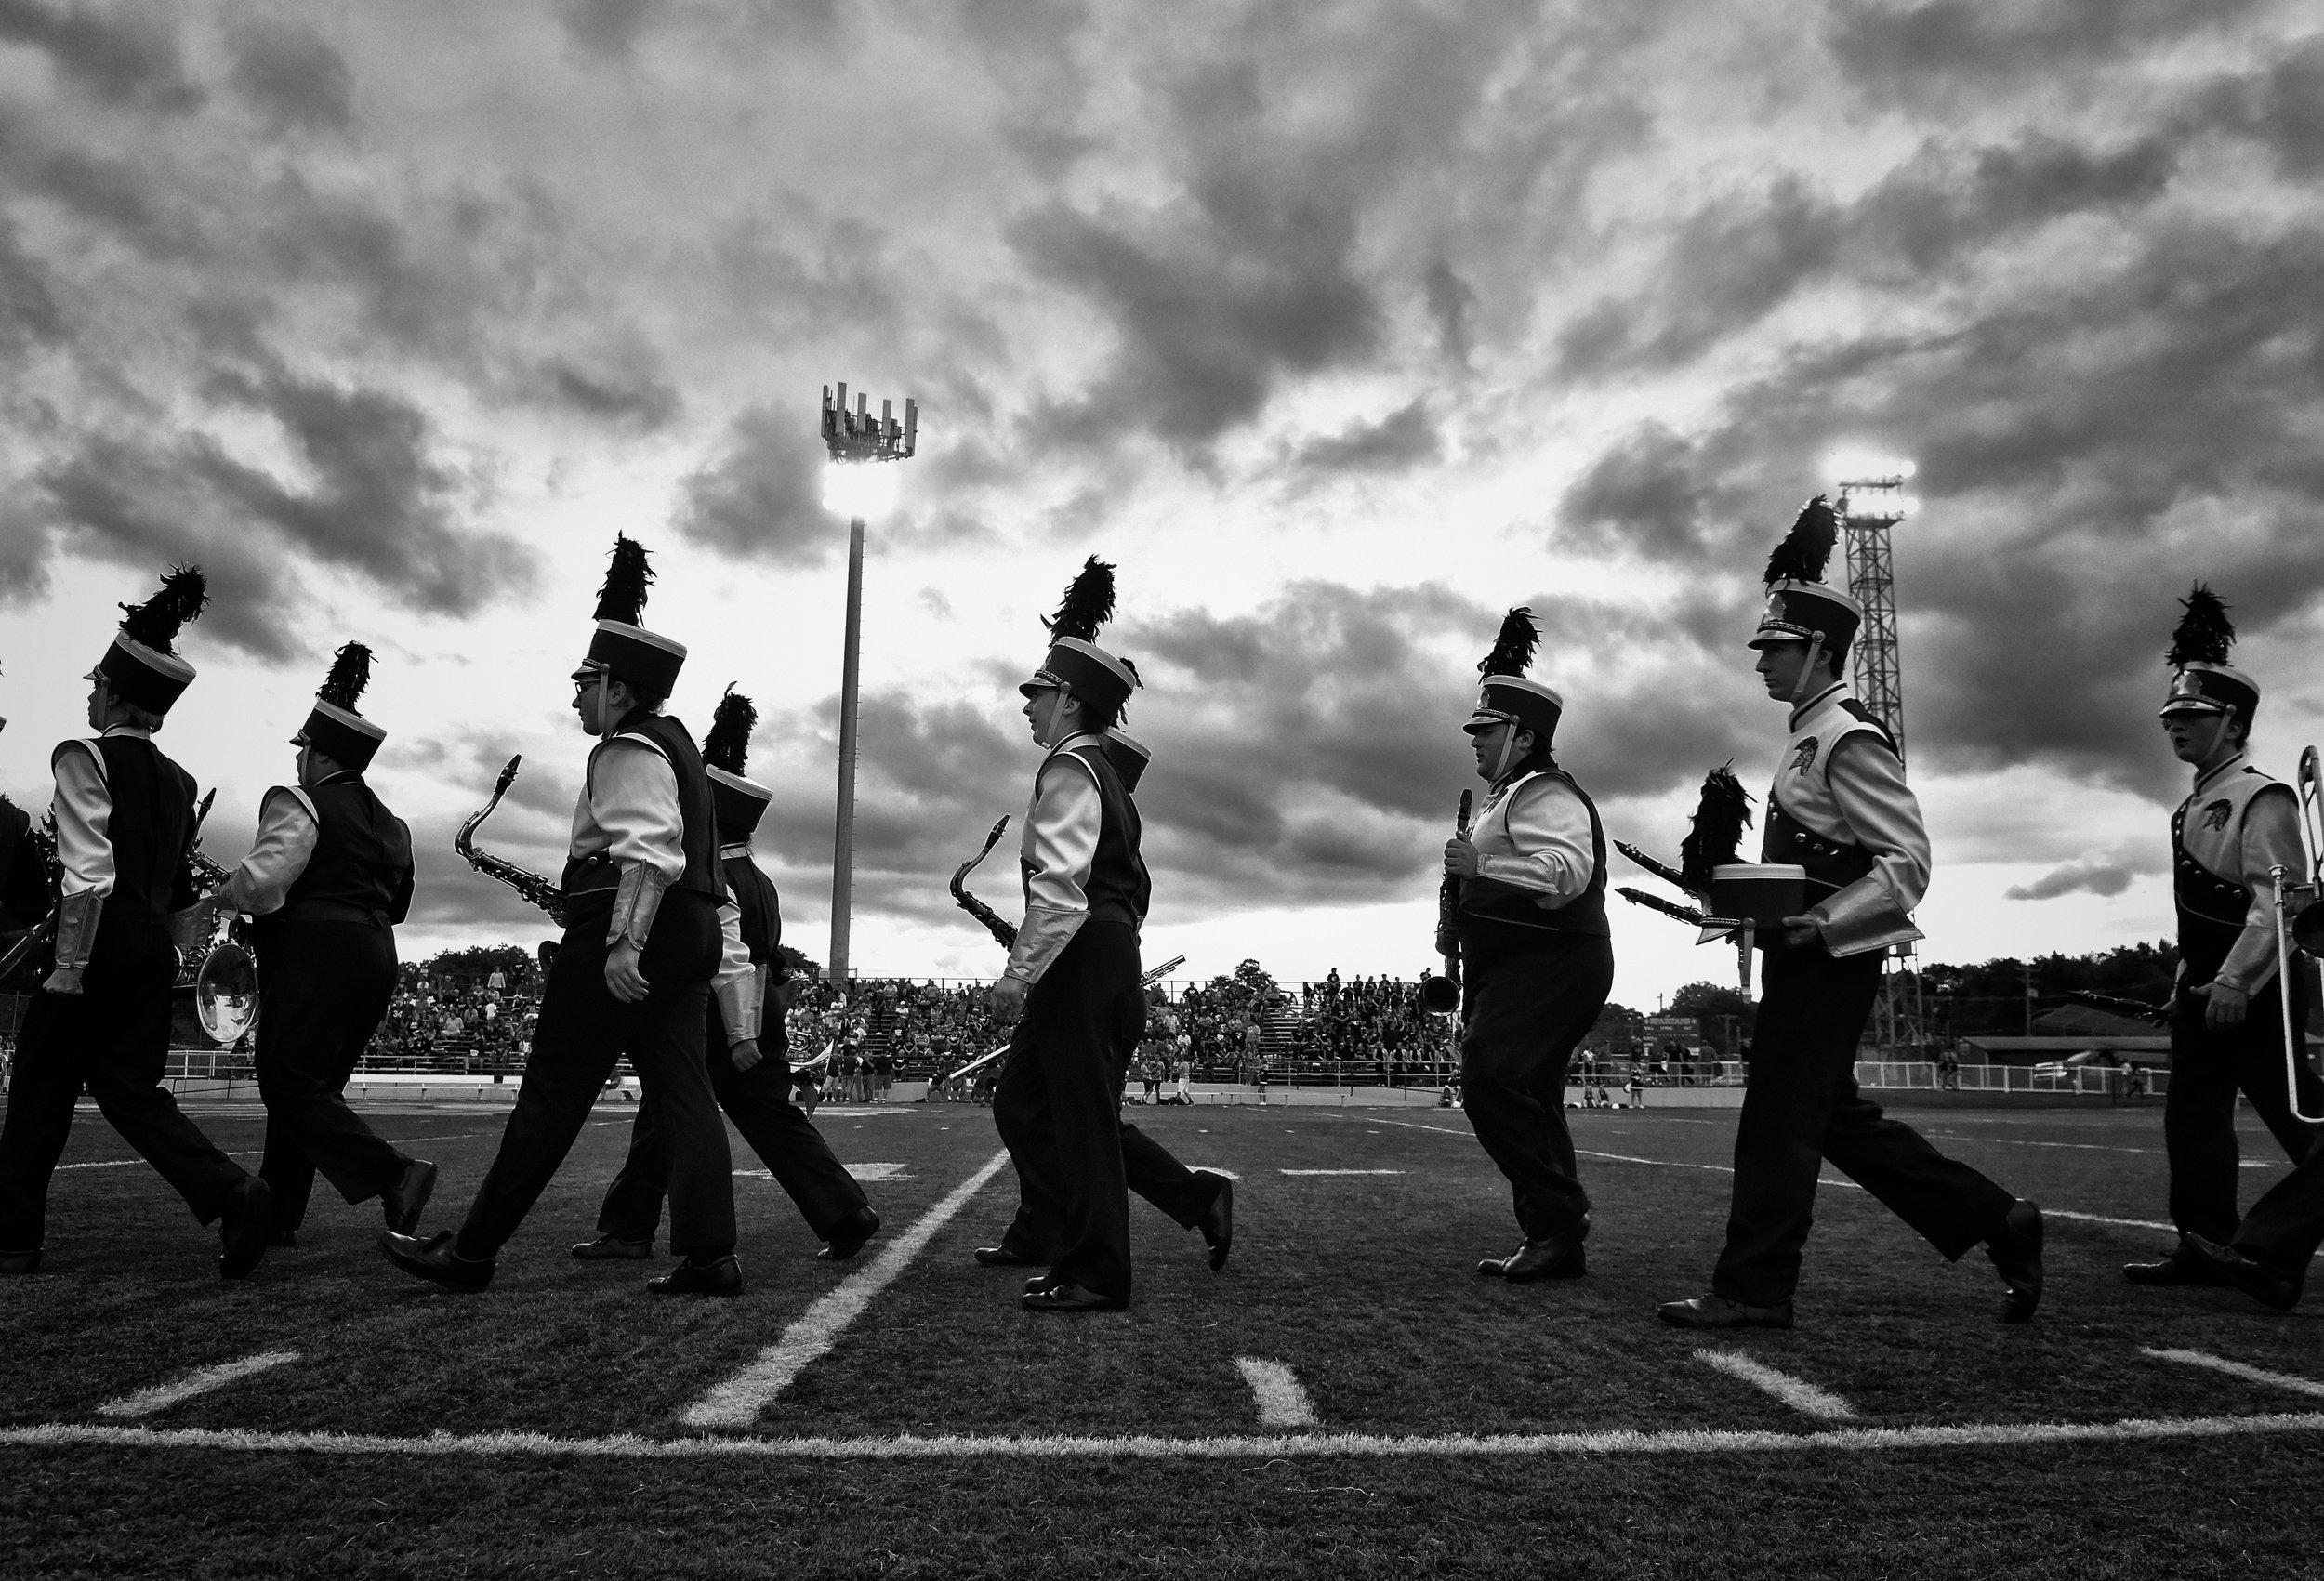 Marching band, Kingston, Pa.